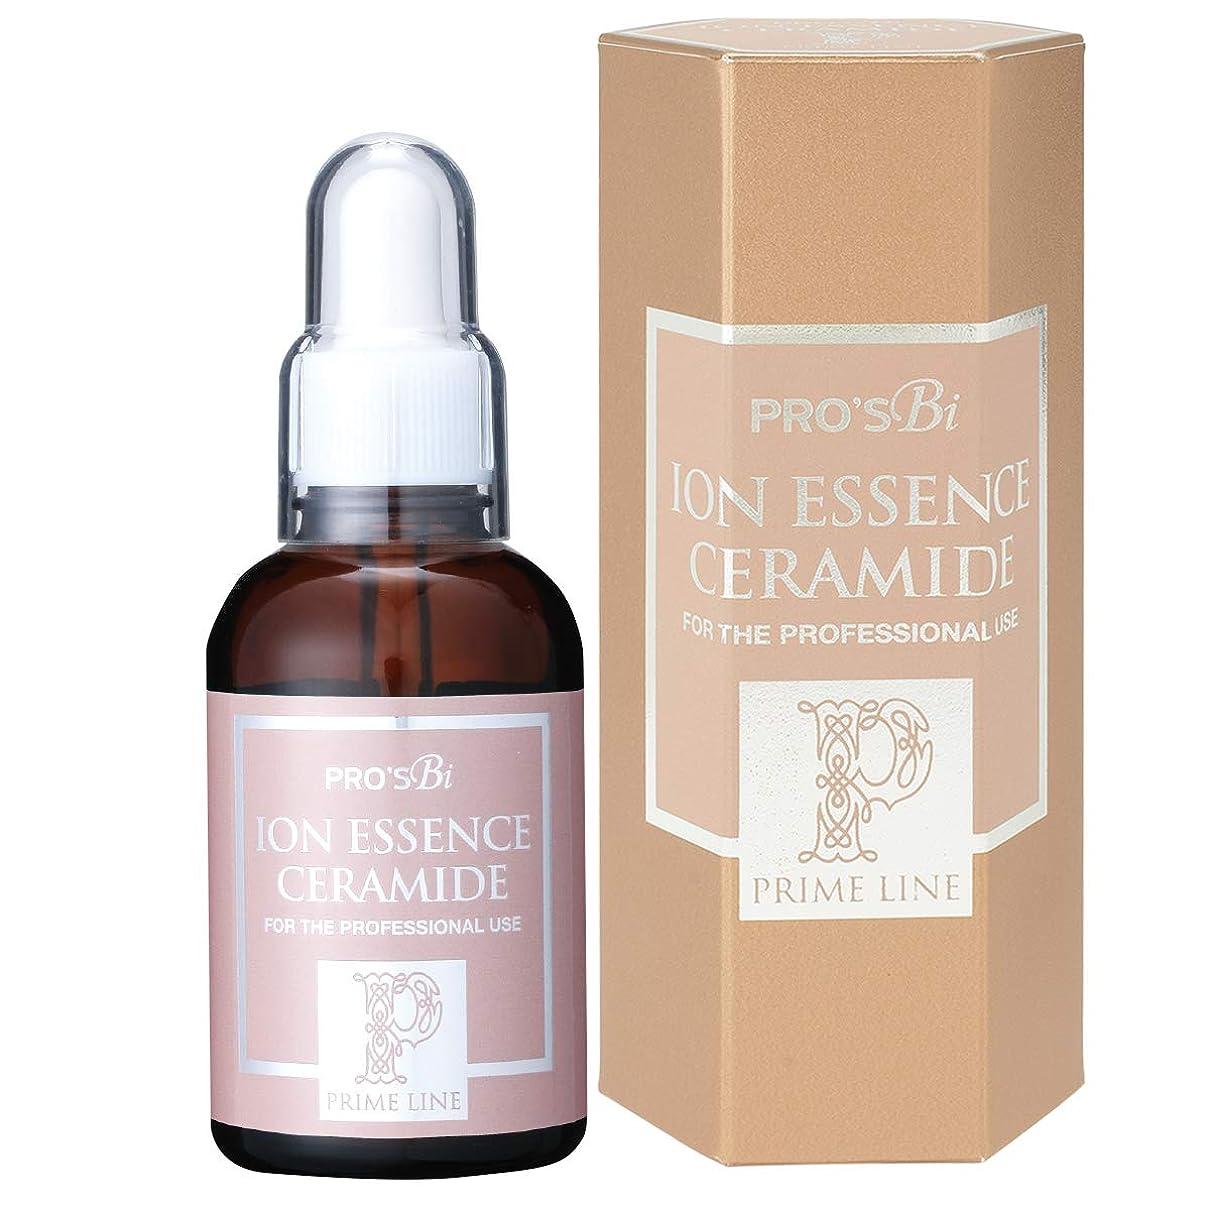 環境保護主義者とにかく香りプロズビ プライム イオンエッセンス 高濃度 セラミド 60ml イオン導入 美容液 業務用